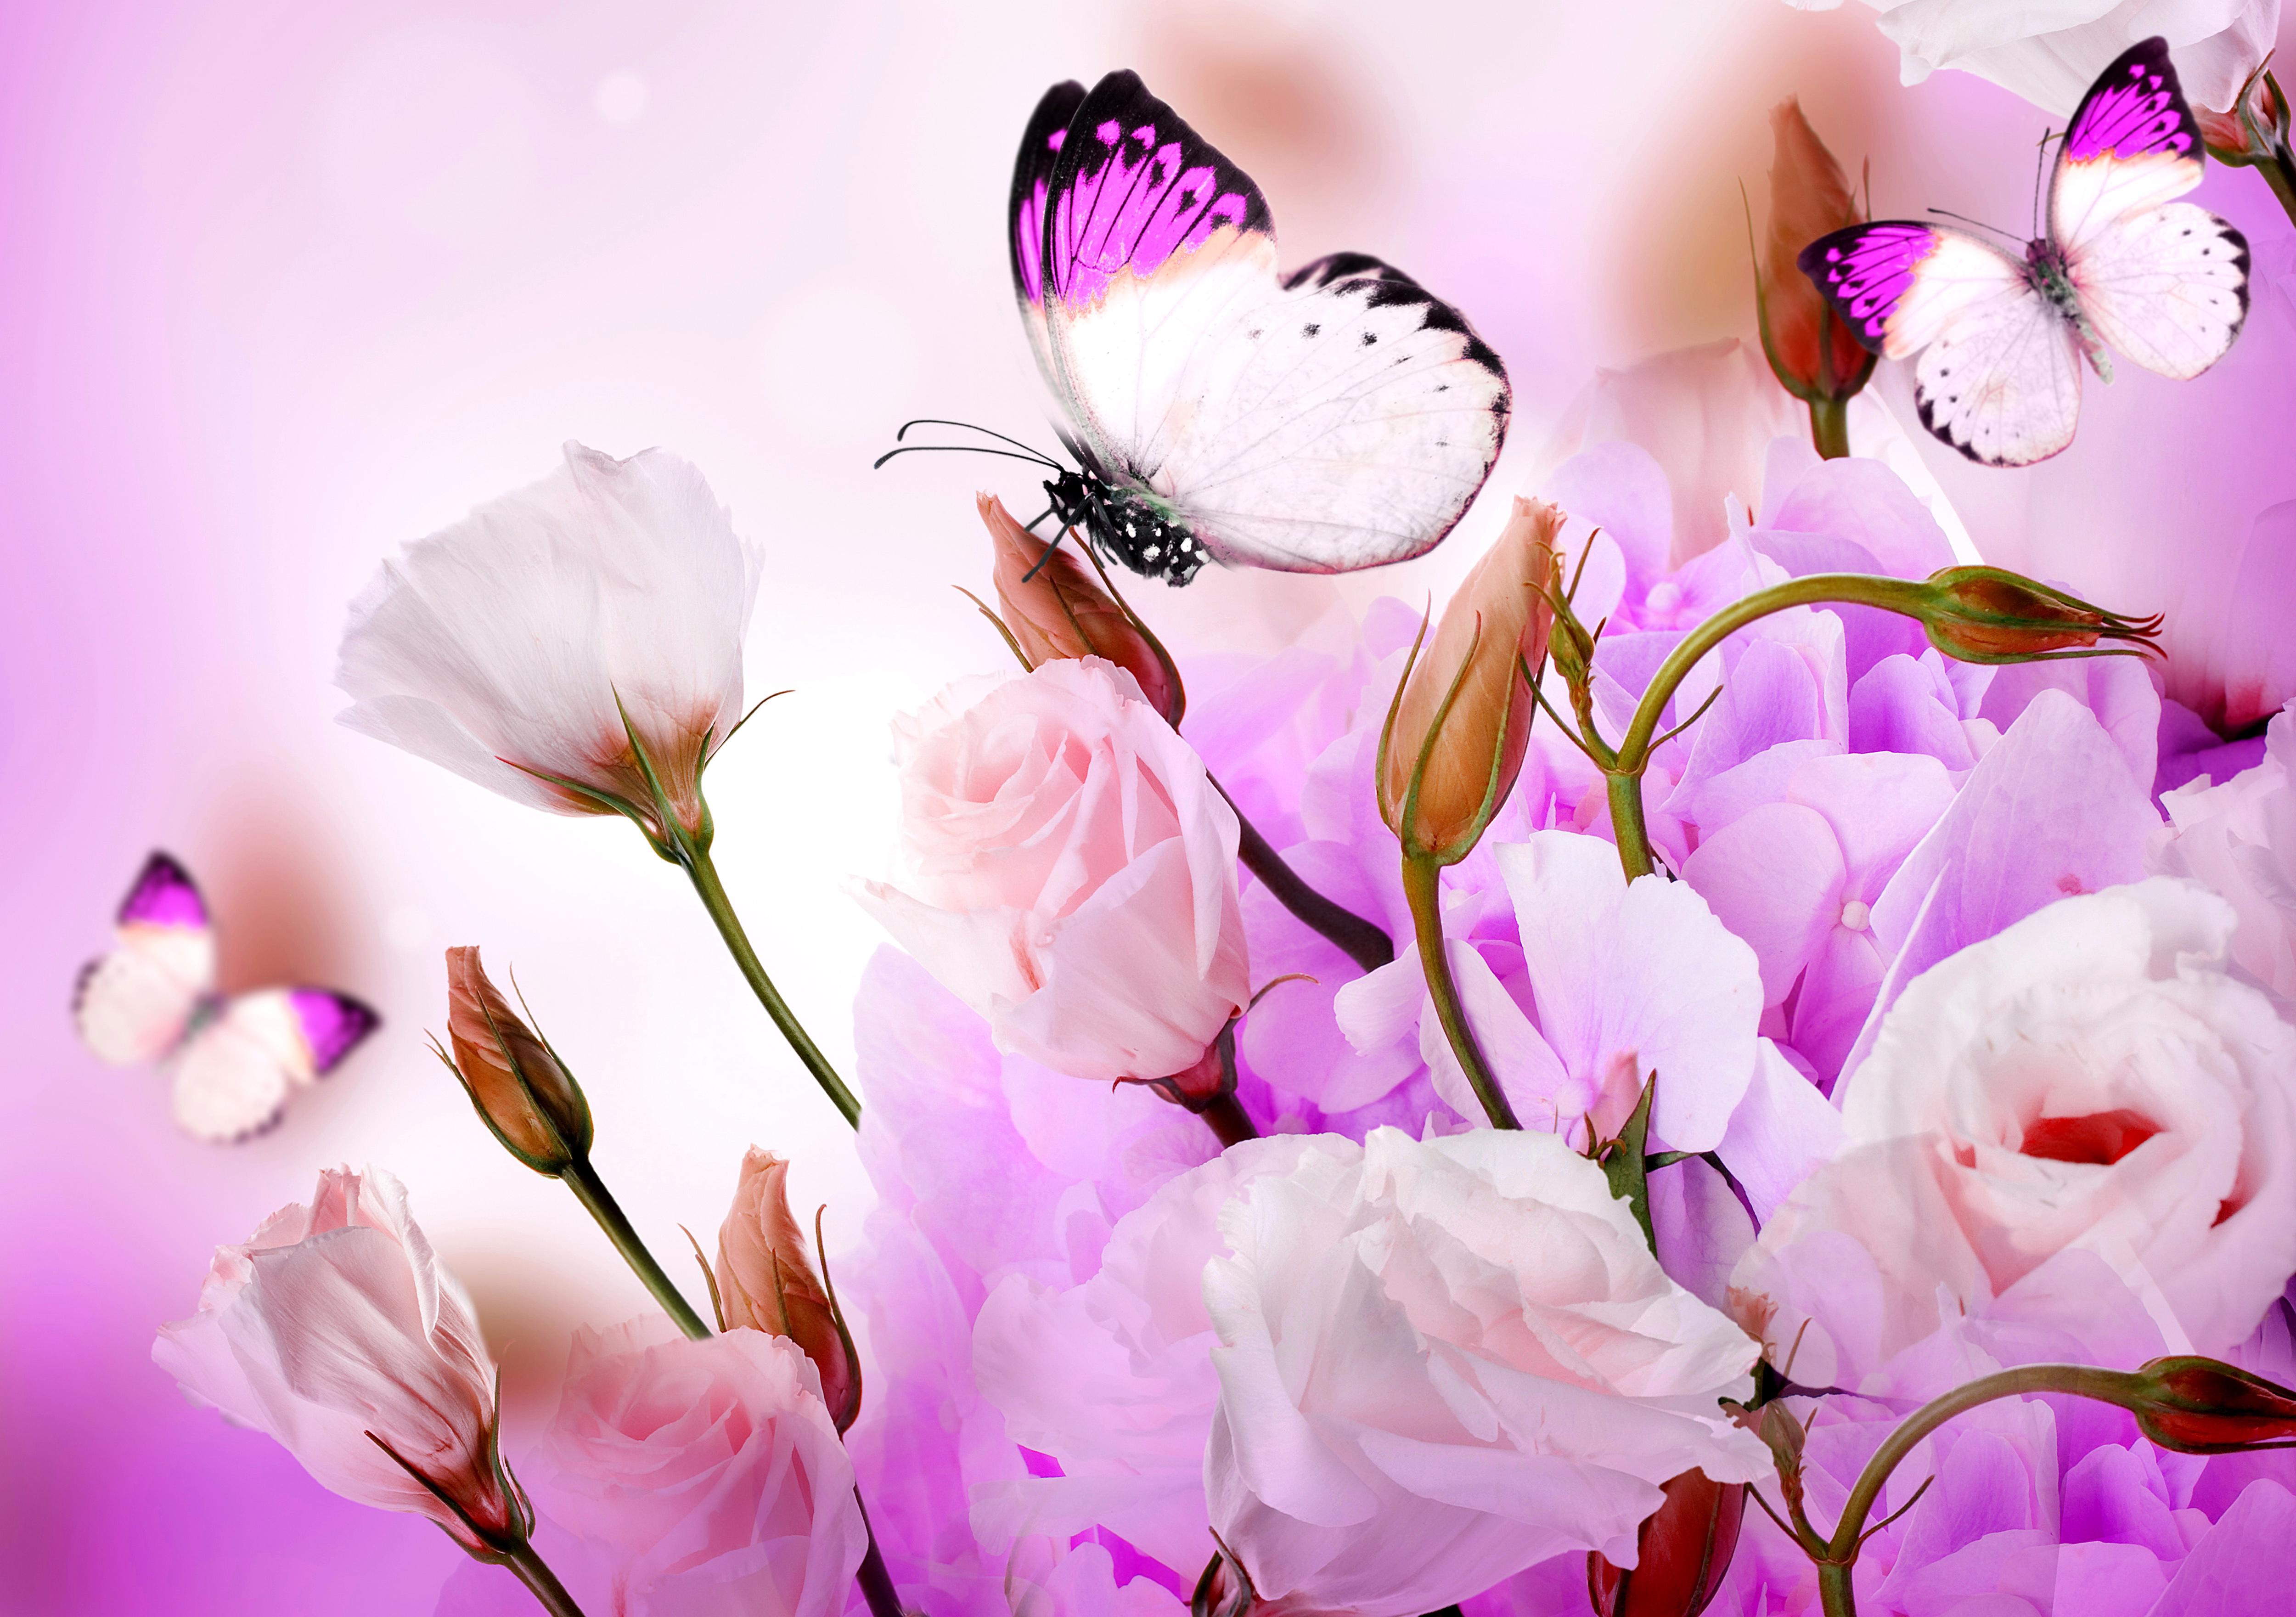 Картинки с бабочками и цветы